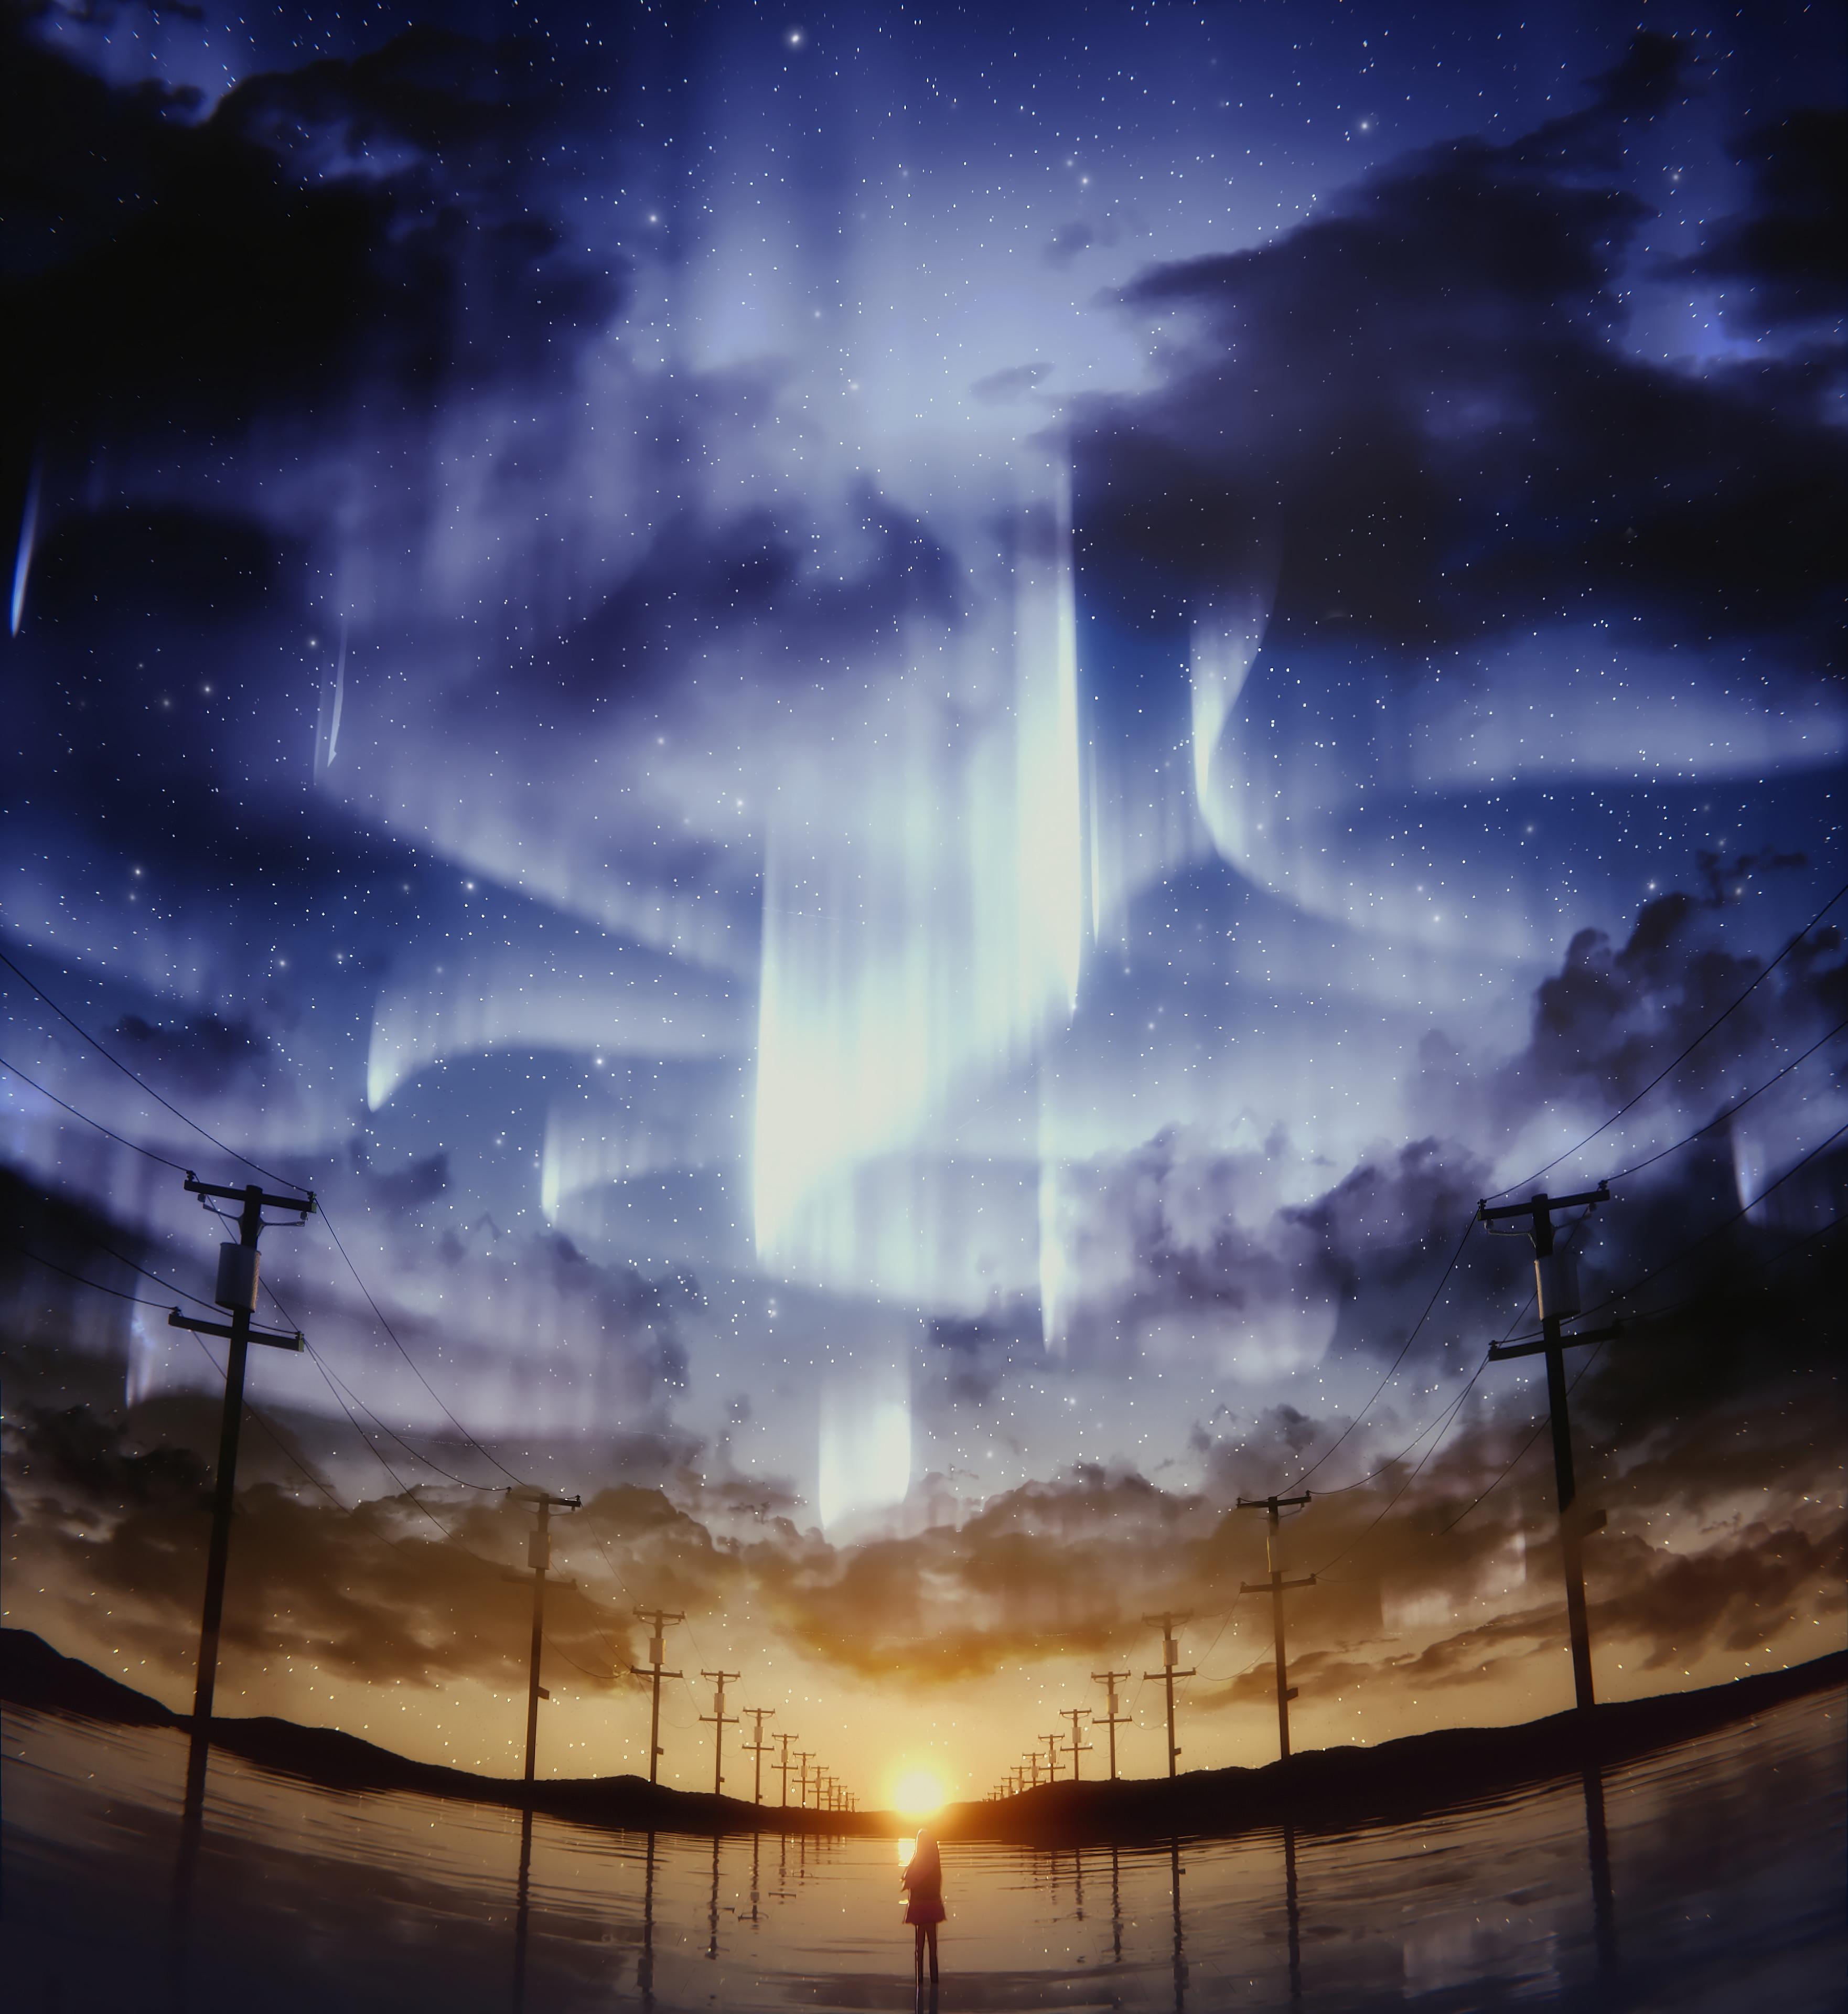 58061 скачать обои Аниме, Силуэт, Звездное Небо, Столбы, Горизонт, Небо, Арт - заставки и картинки бесплатно